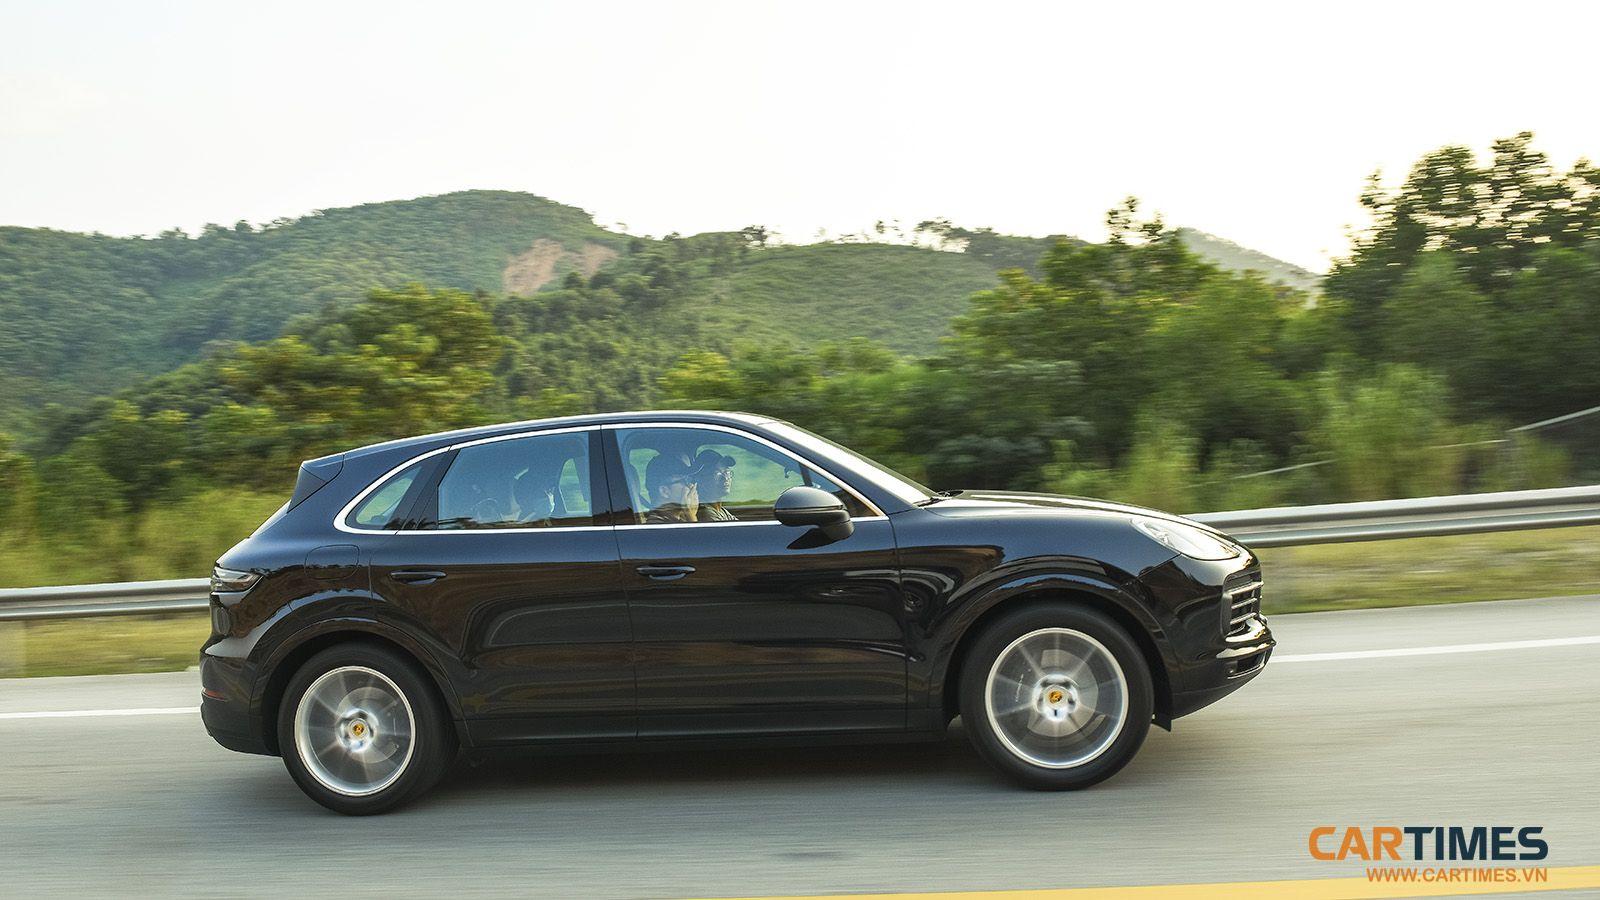 Porsche Cayenne và hành trình tìm vàng giữa lưng trời Đông Bắc - Hình 7